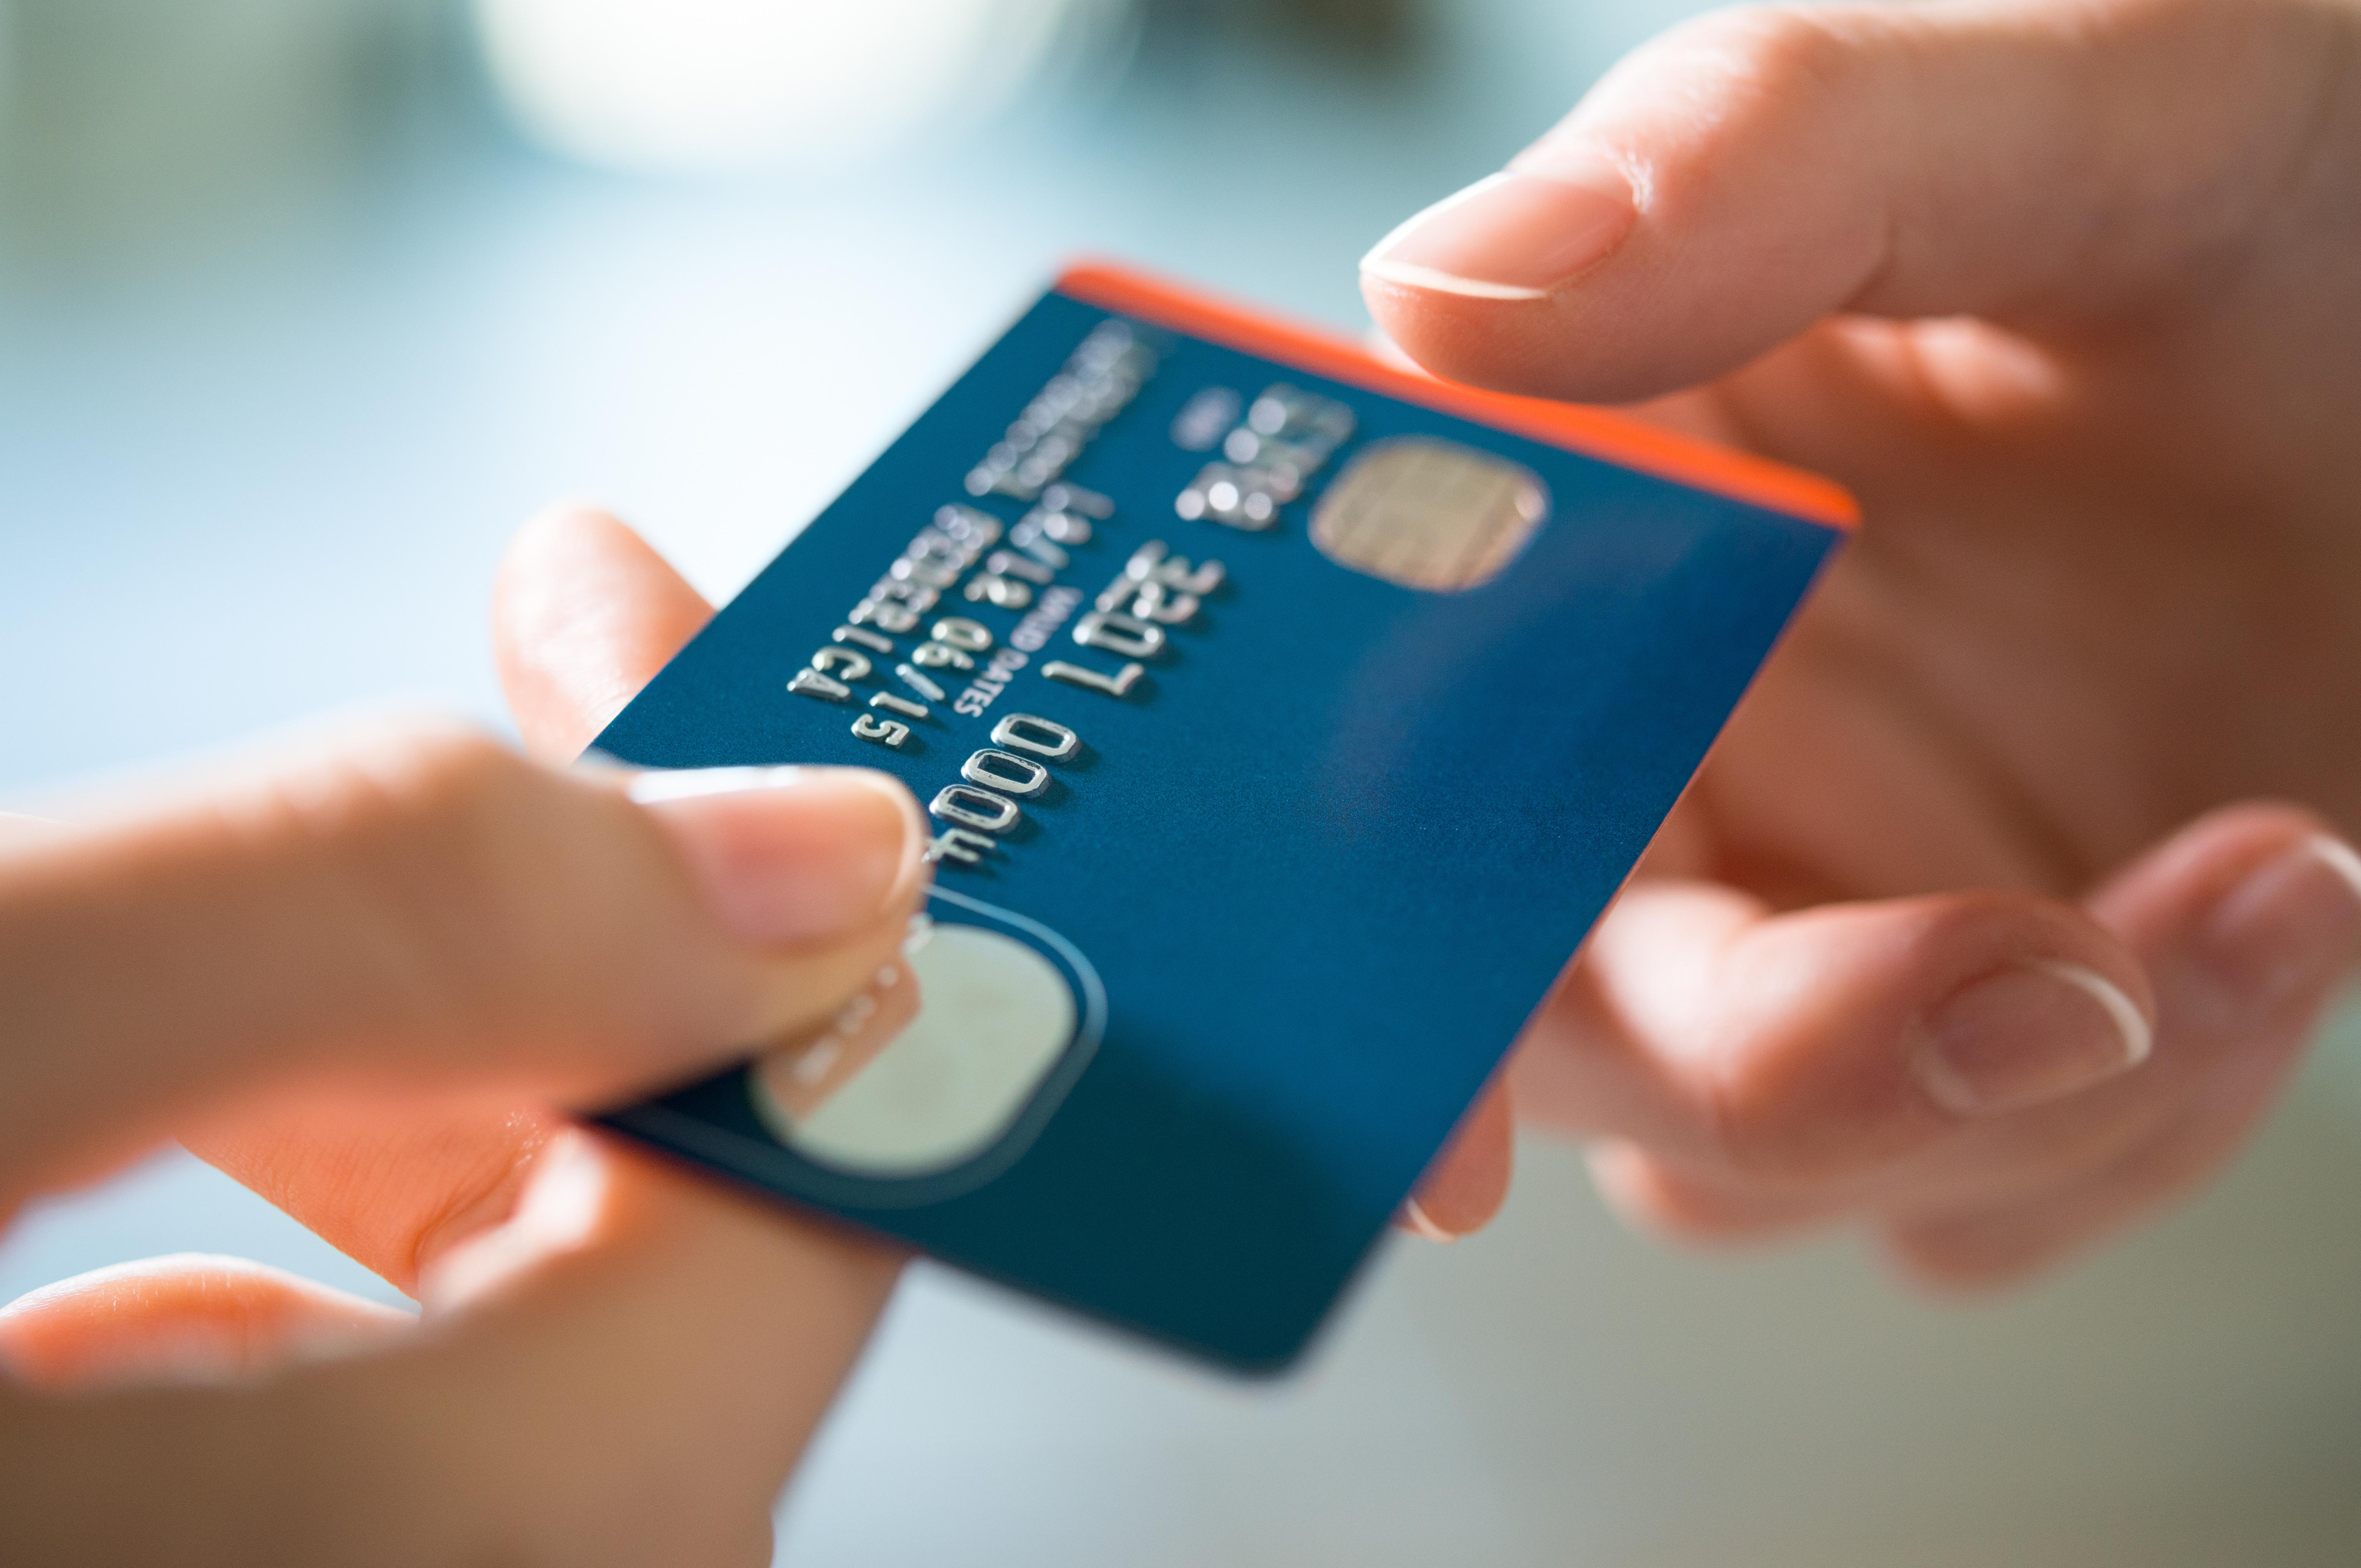 18 yaş altı kredi kartı ve banka kartı alabilir mi?